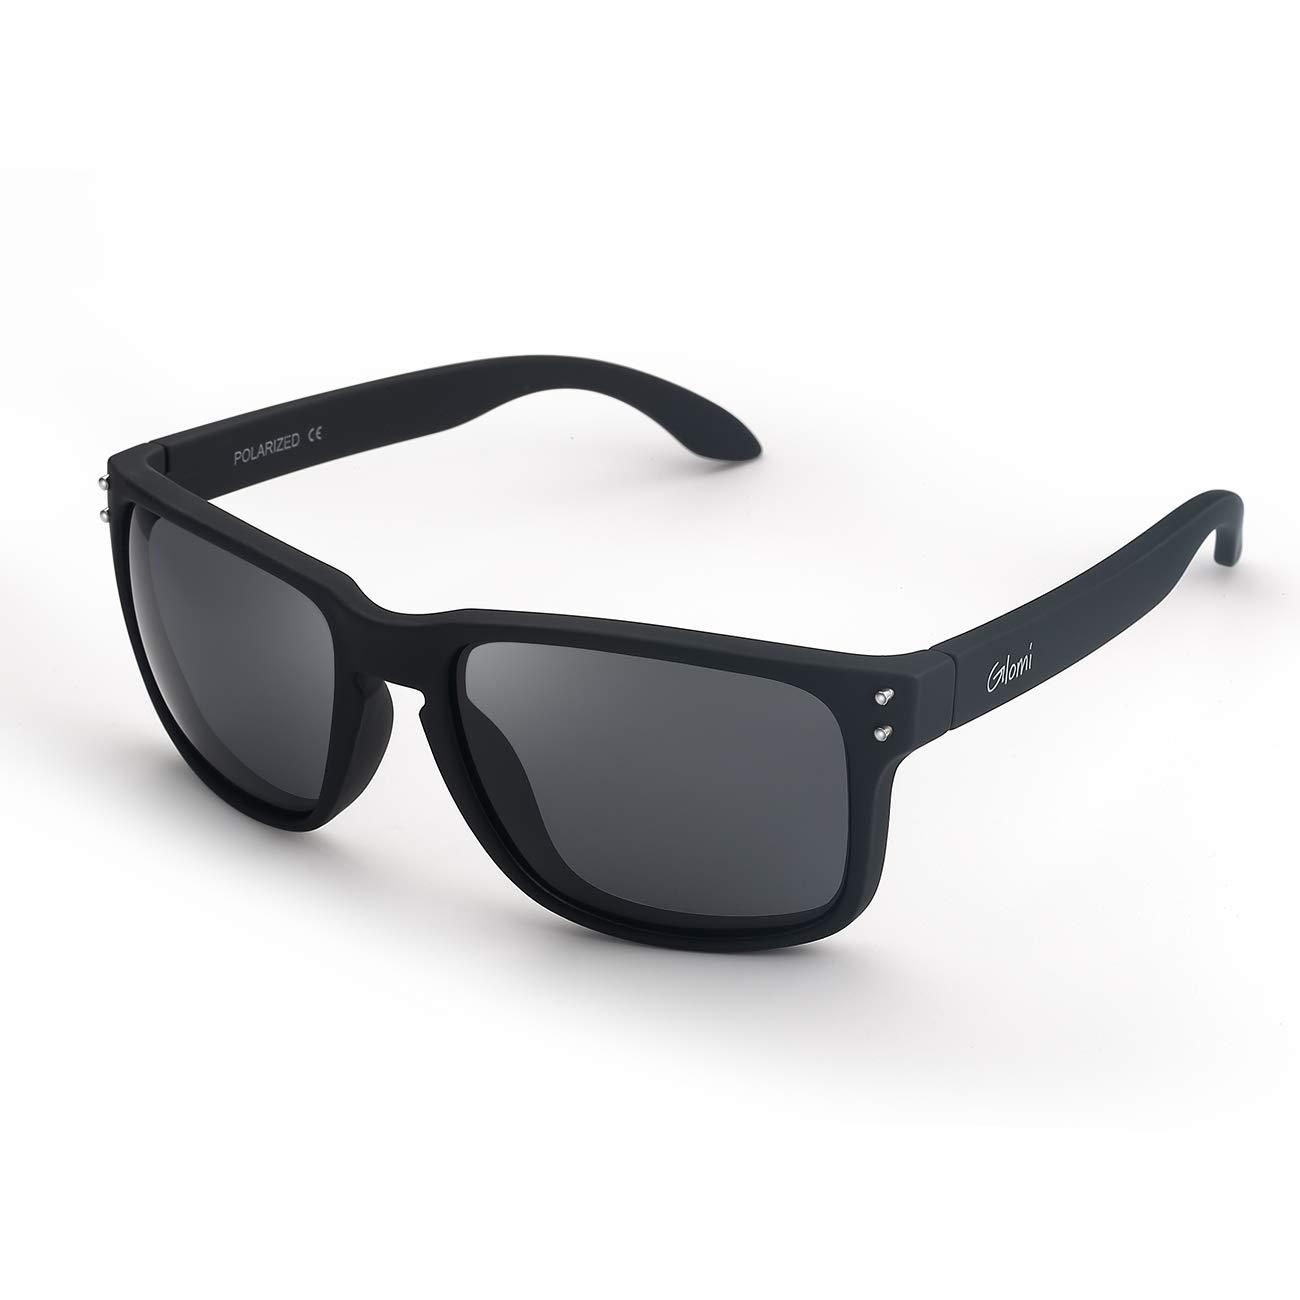 Glomi Occhiali da Sole Wayfarer Polarizzati da Uomo Donna, 100% Protezione UV400, Antiriflesso, Design con Rivetti 100% Protezione UV410 WSH-1801